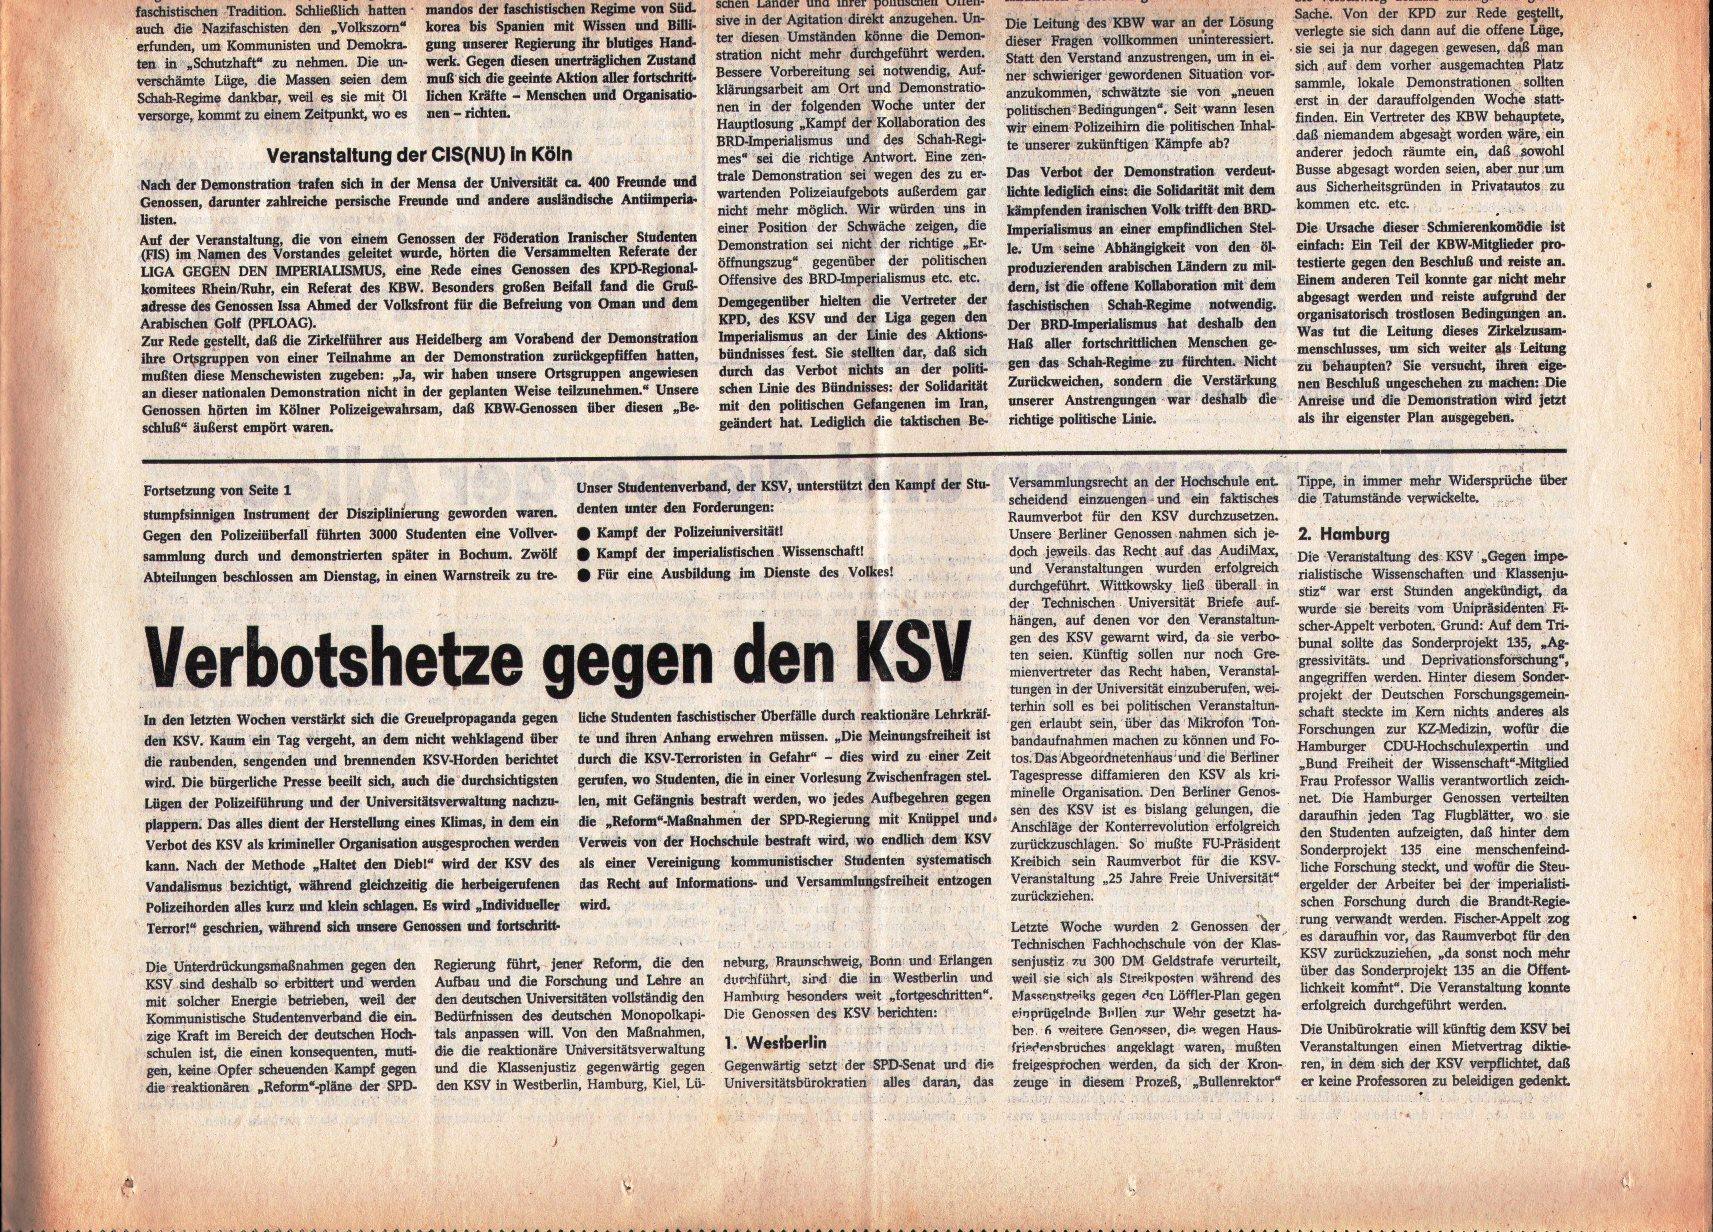 KPD_Rote_Fahne_1973_49_06